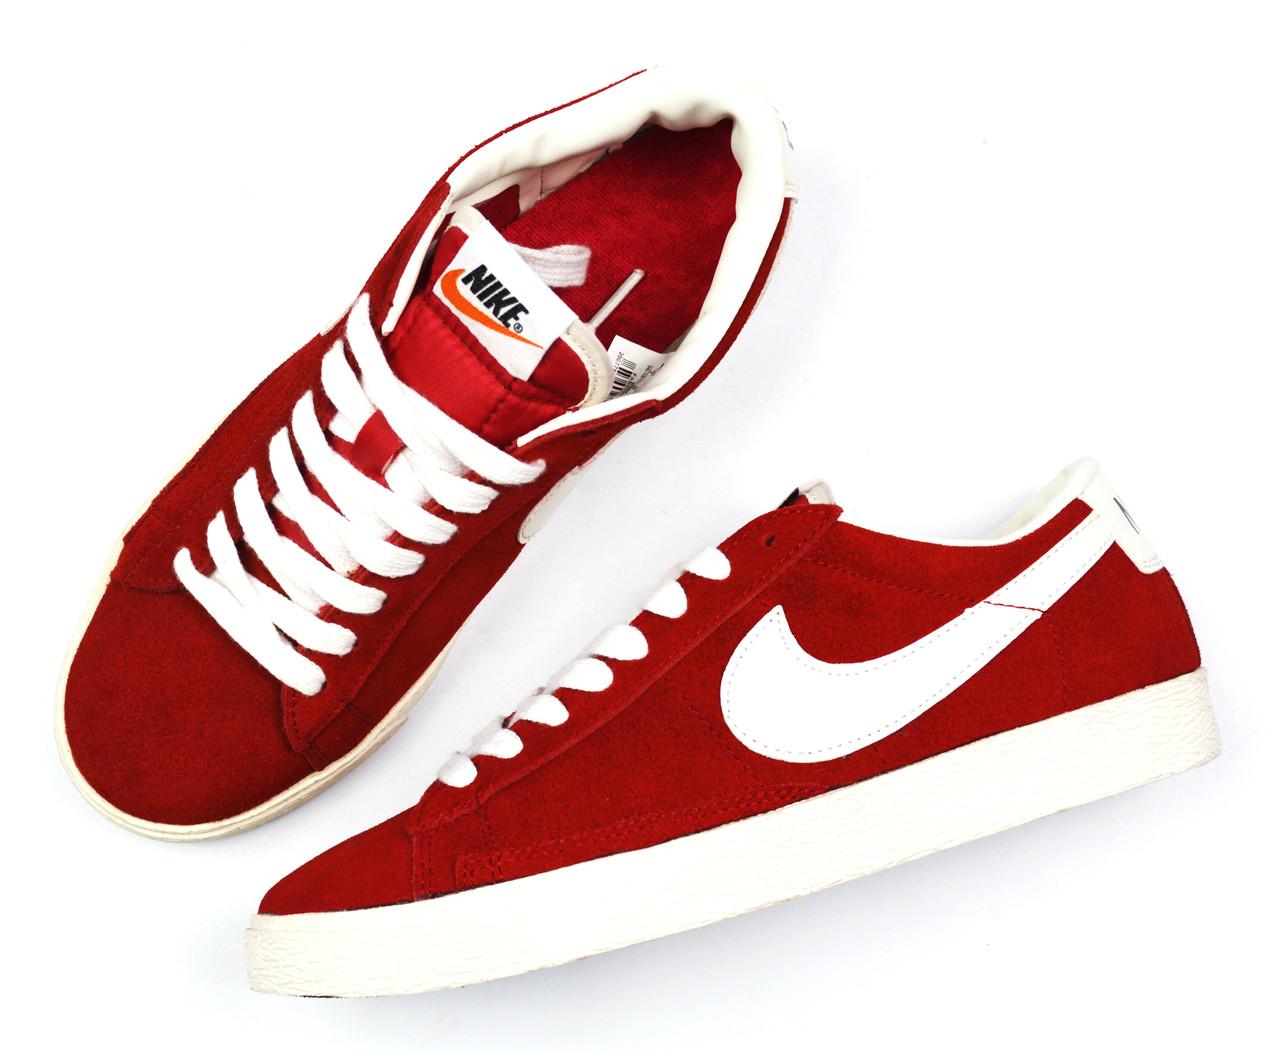 ... Яркие красные мужские кроссовки Nike Sweet Classic AP для спорта (модны  спортивные новинки весна, ... fa22b79db9f